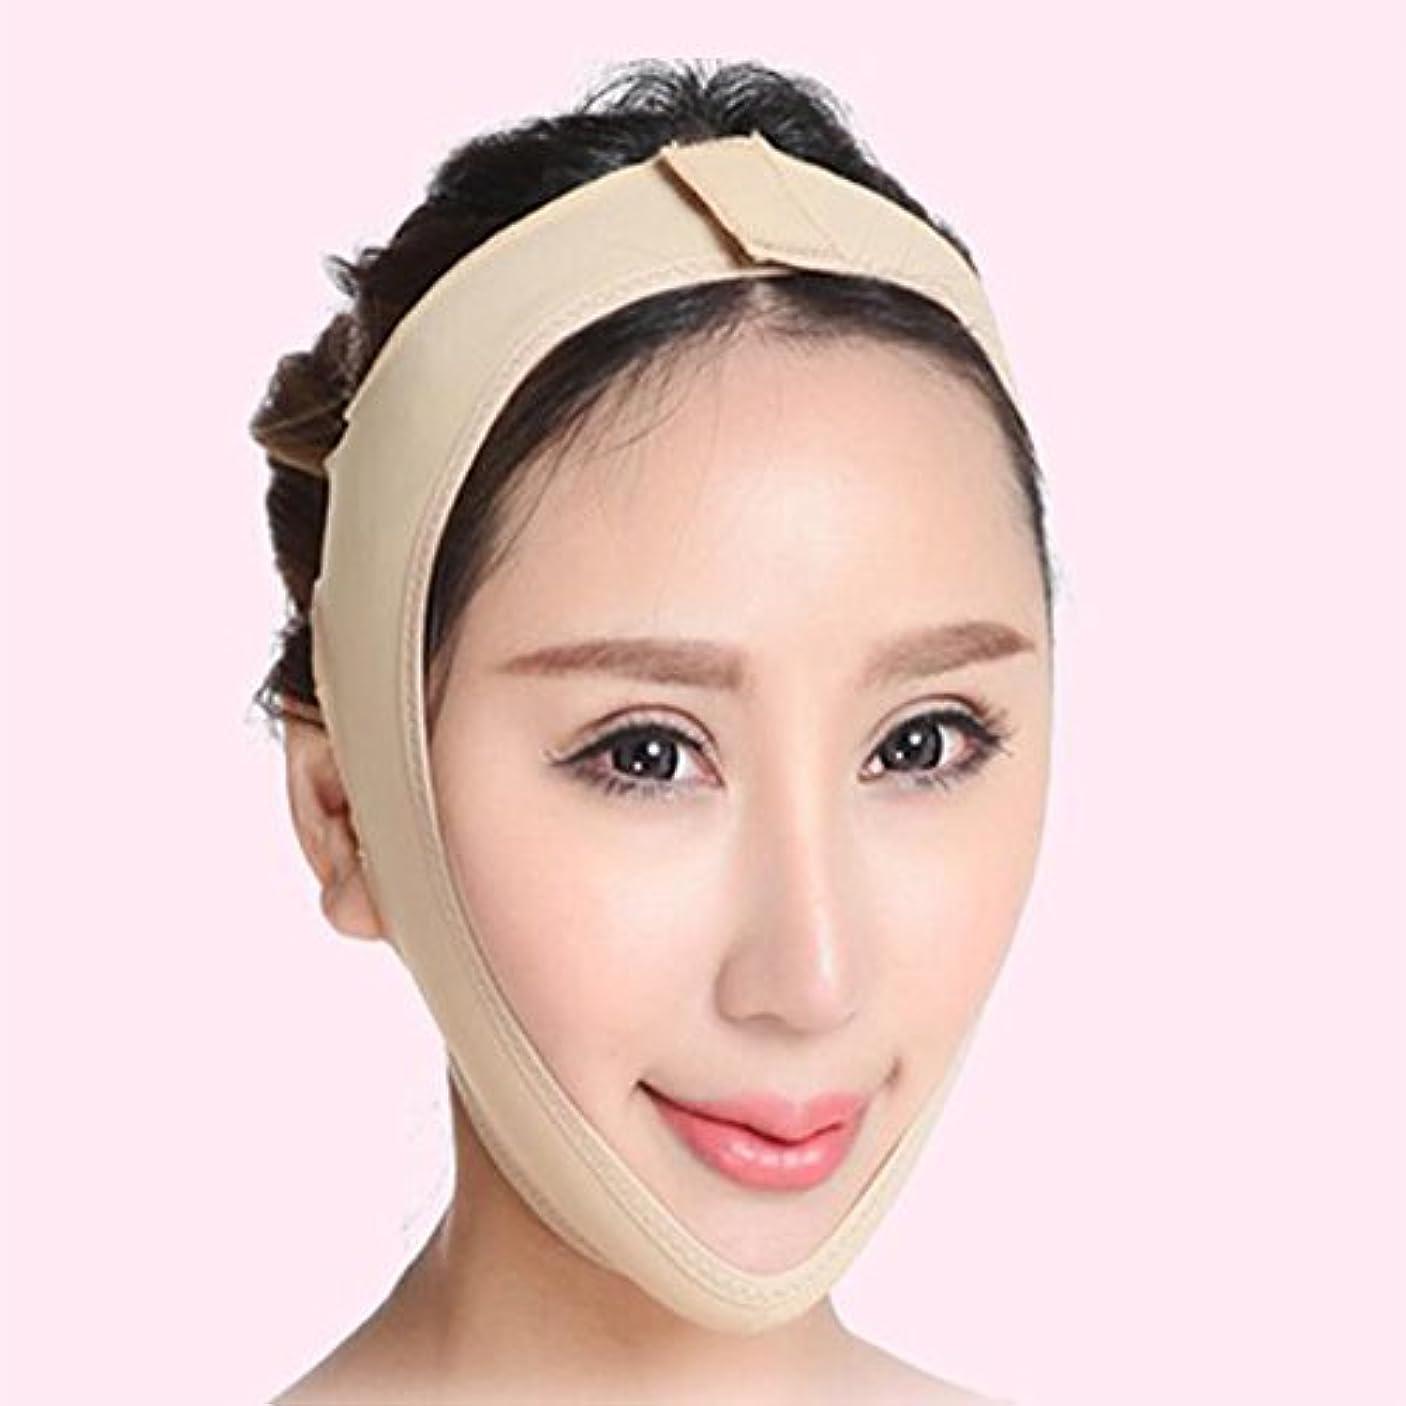 特異な知覚的魅惑する1stモール 小顔 小顔マスク リフトアップ マスク フェイスライン 矯正 あご シャープ メンズ レディース Lサイズ ST-AZD15003-L